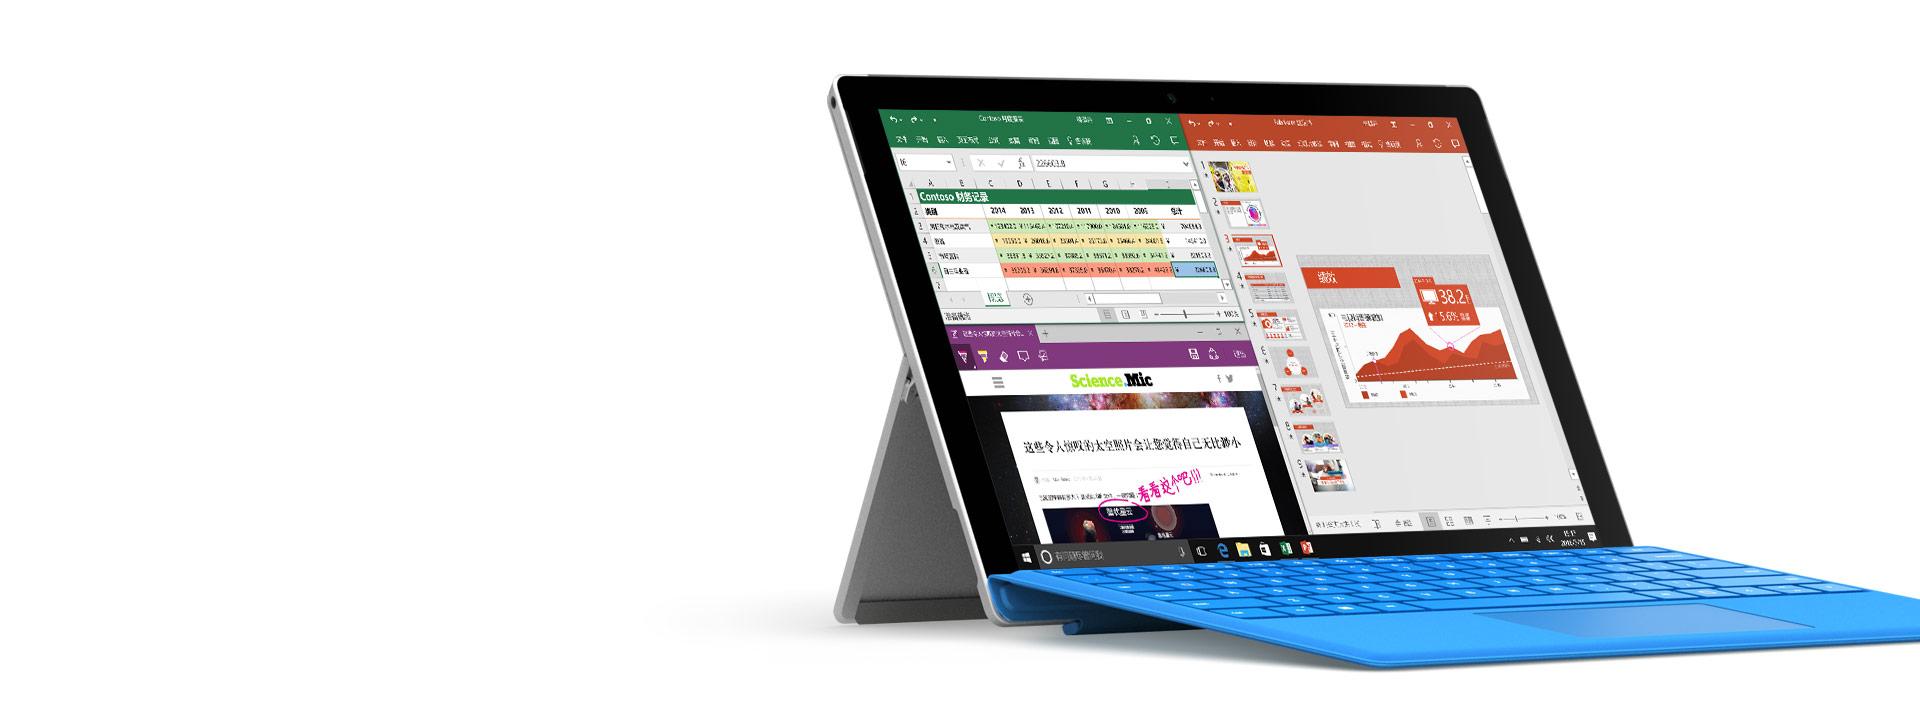 在屏幕上呈现 Office 的 Surface Pro 4